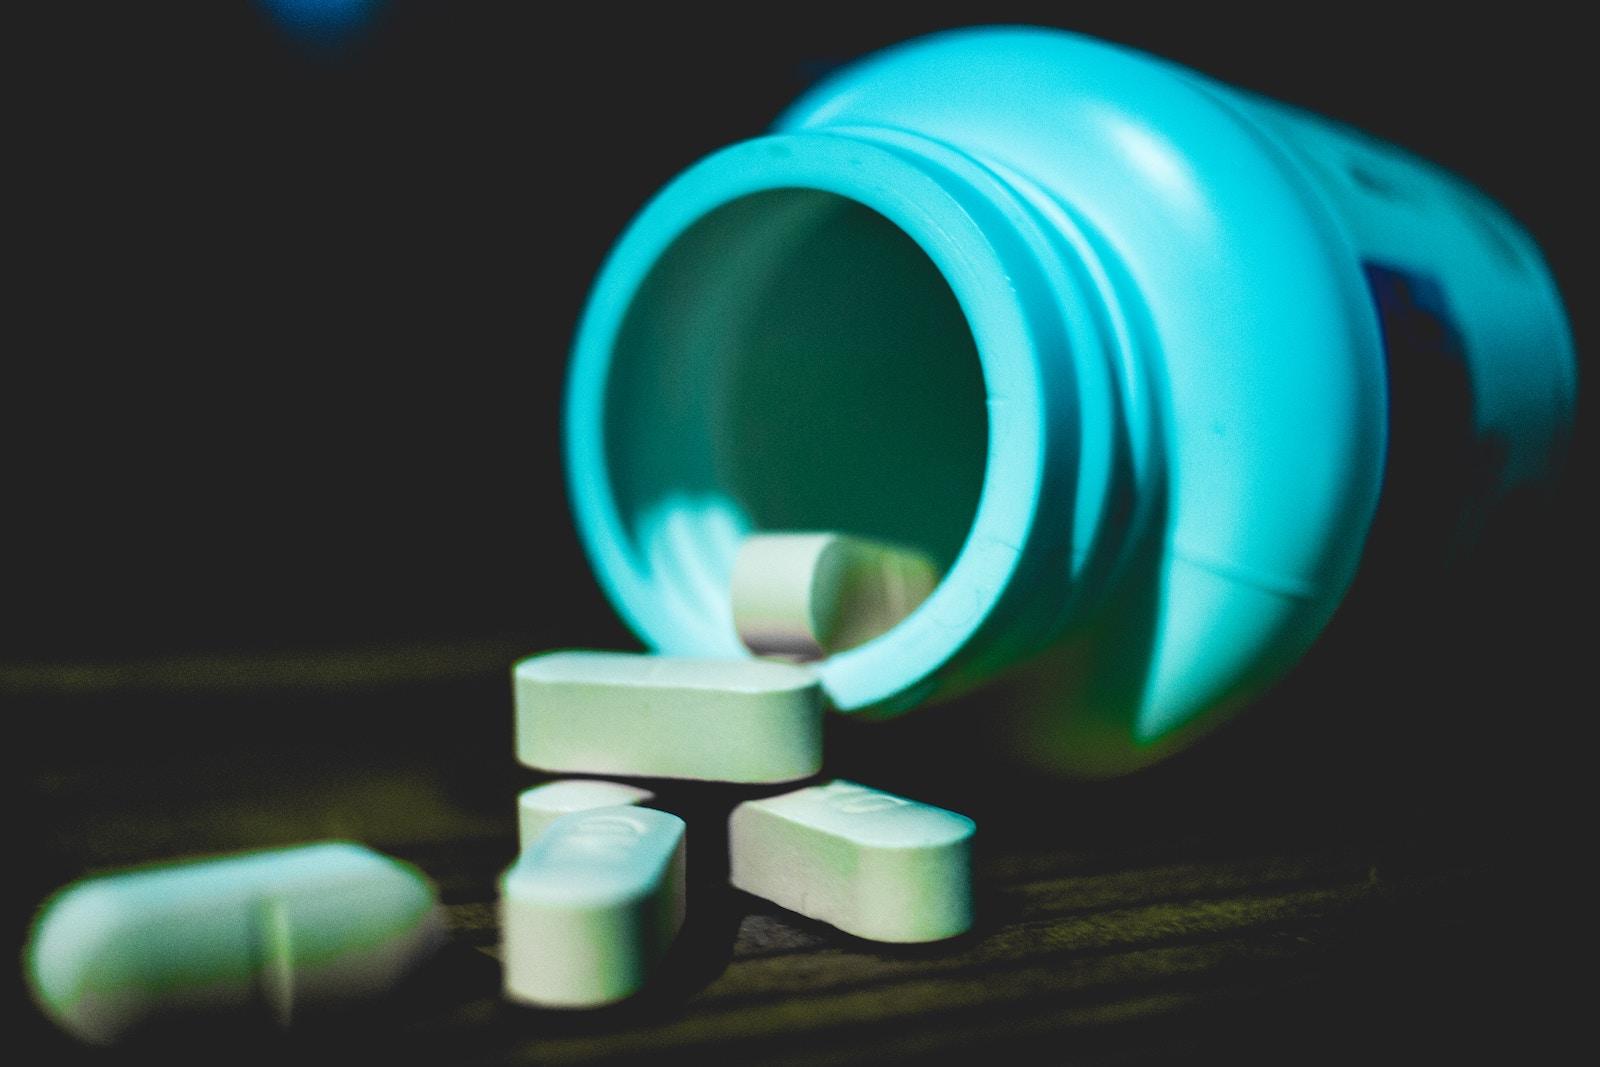 Вітамінна легенда: Чи варто витрачати гроші на «вітаміни» з аптек